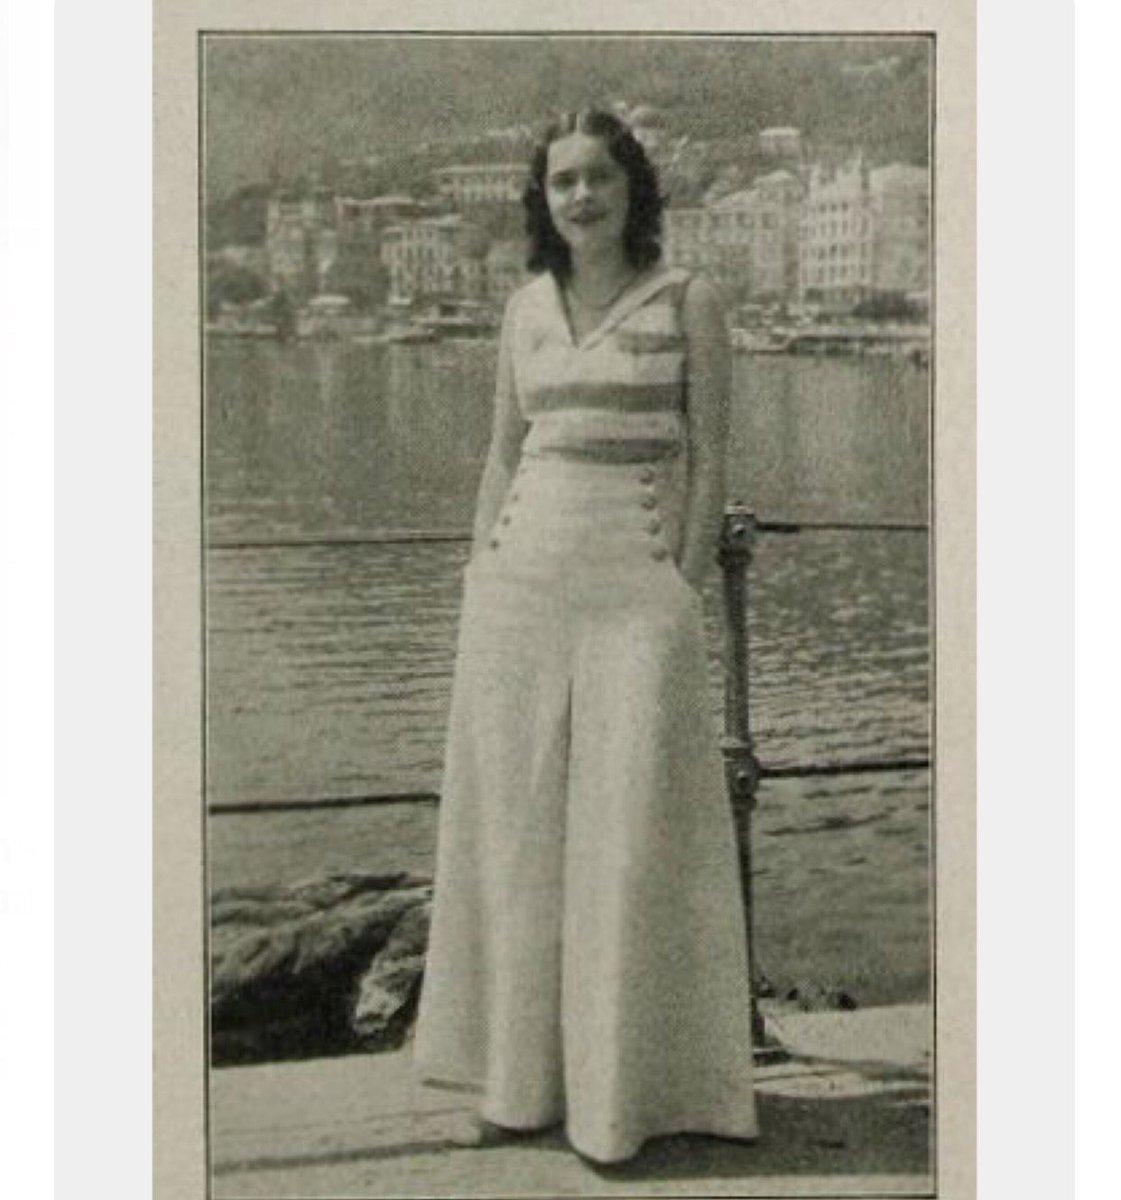 9ca6d2de8 Sailor Pants وهي بناطيل بخصر عالي مع أزرار على الجانبين وكانت دارجة في  الثلاثينات 30s ومشهورين يلبسها البحّارةpic.twitter.com/v2lwwtIKw4. 12:32 PM  - 25 Mar ...